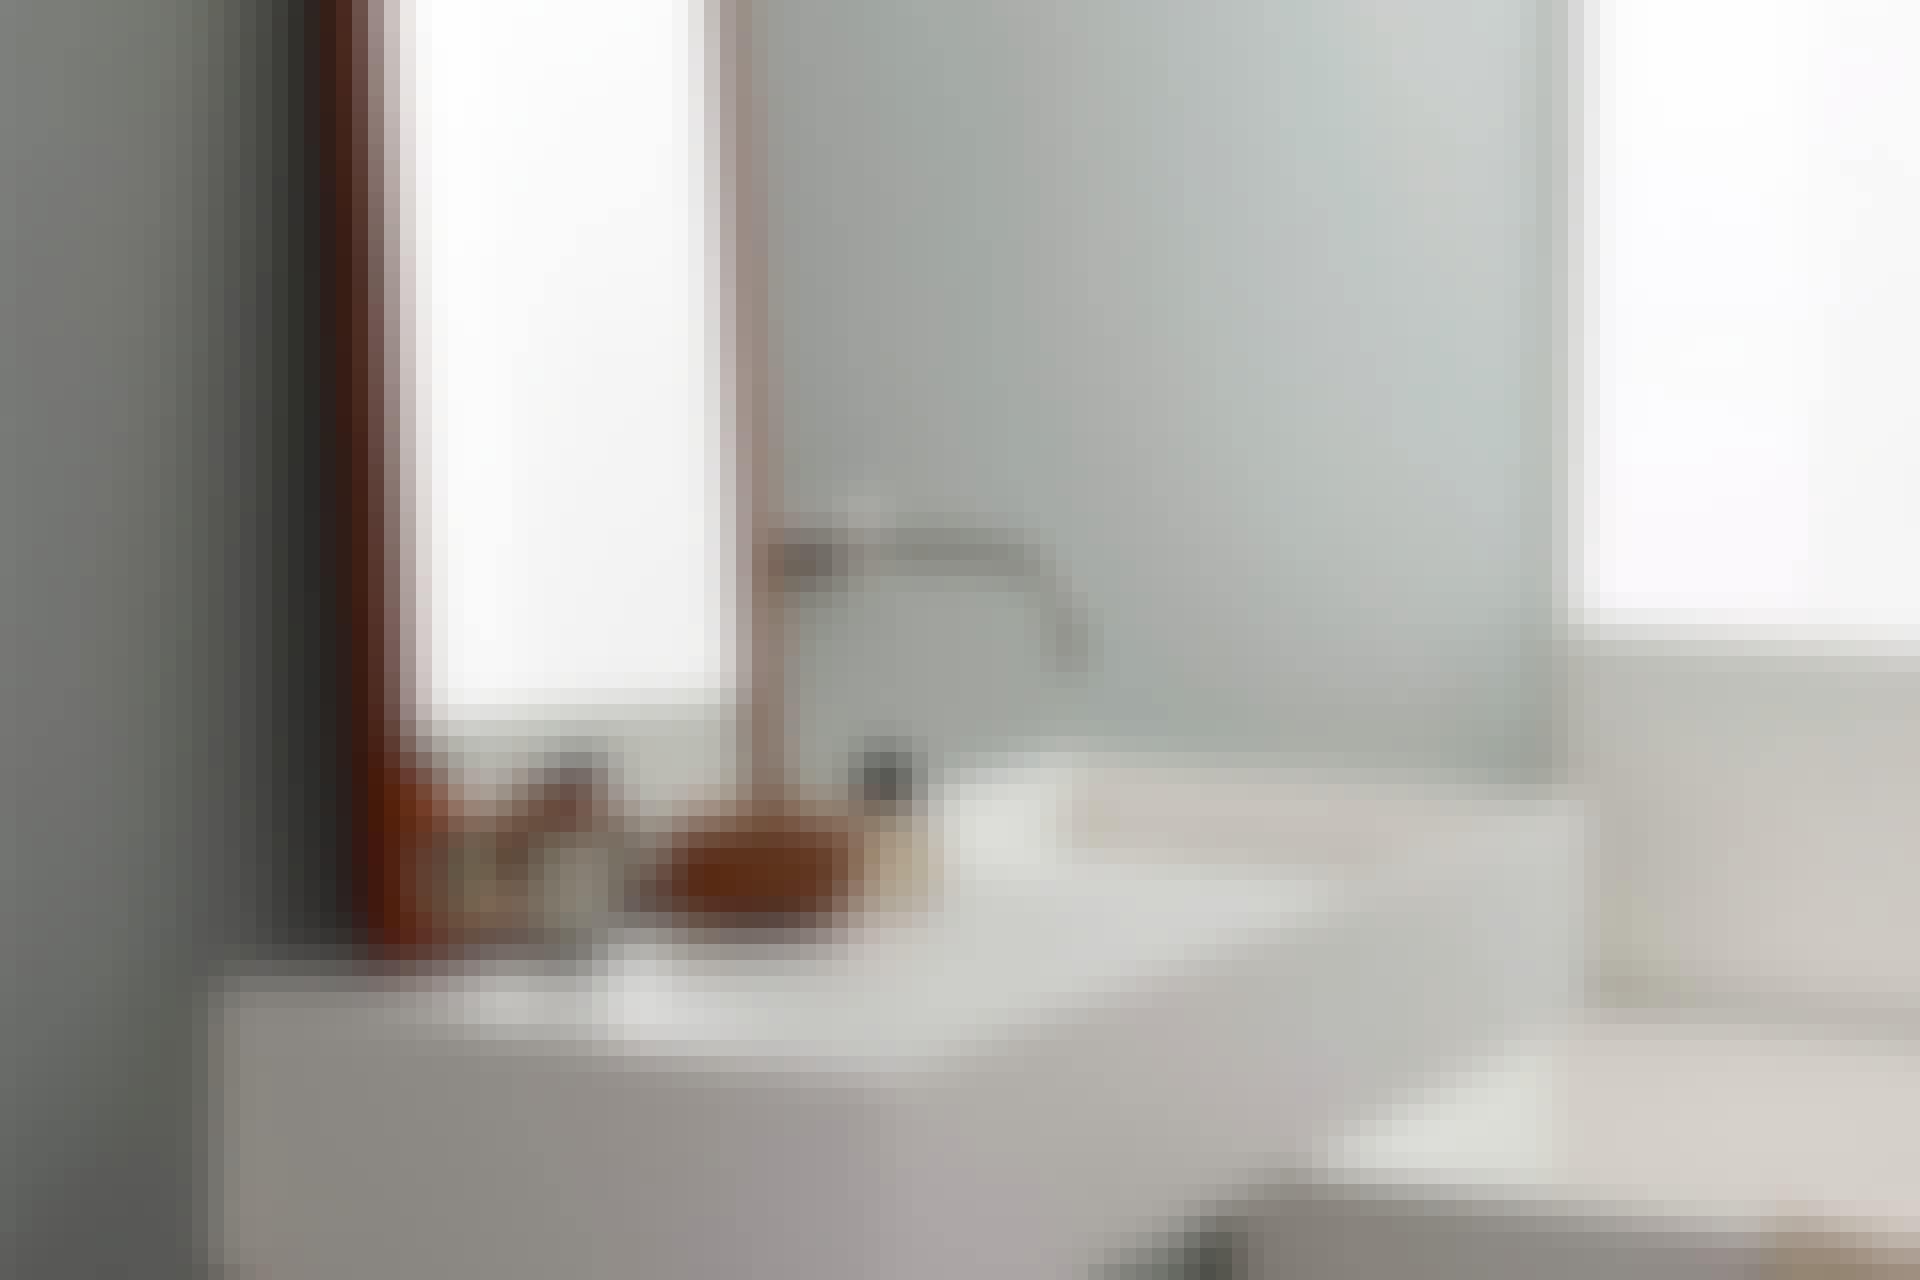 Kylpyhuoneen maali: Käytä tällaista maalia